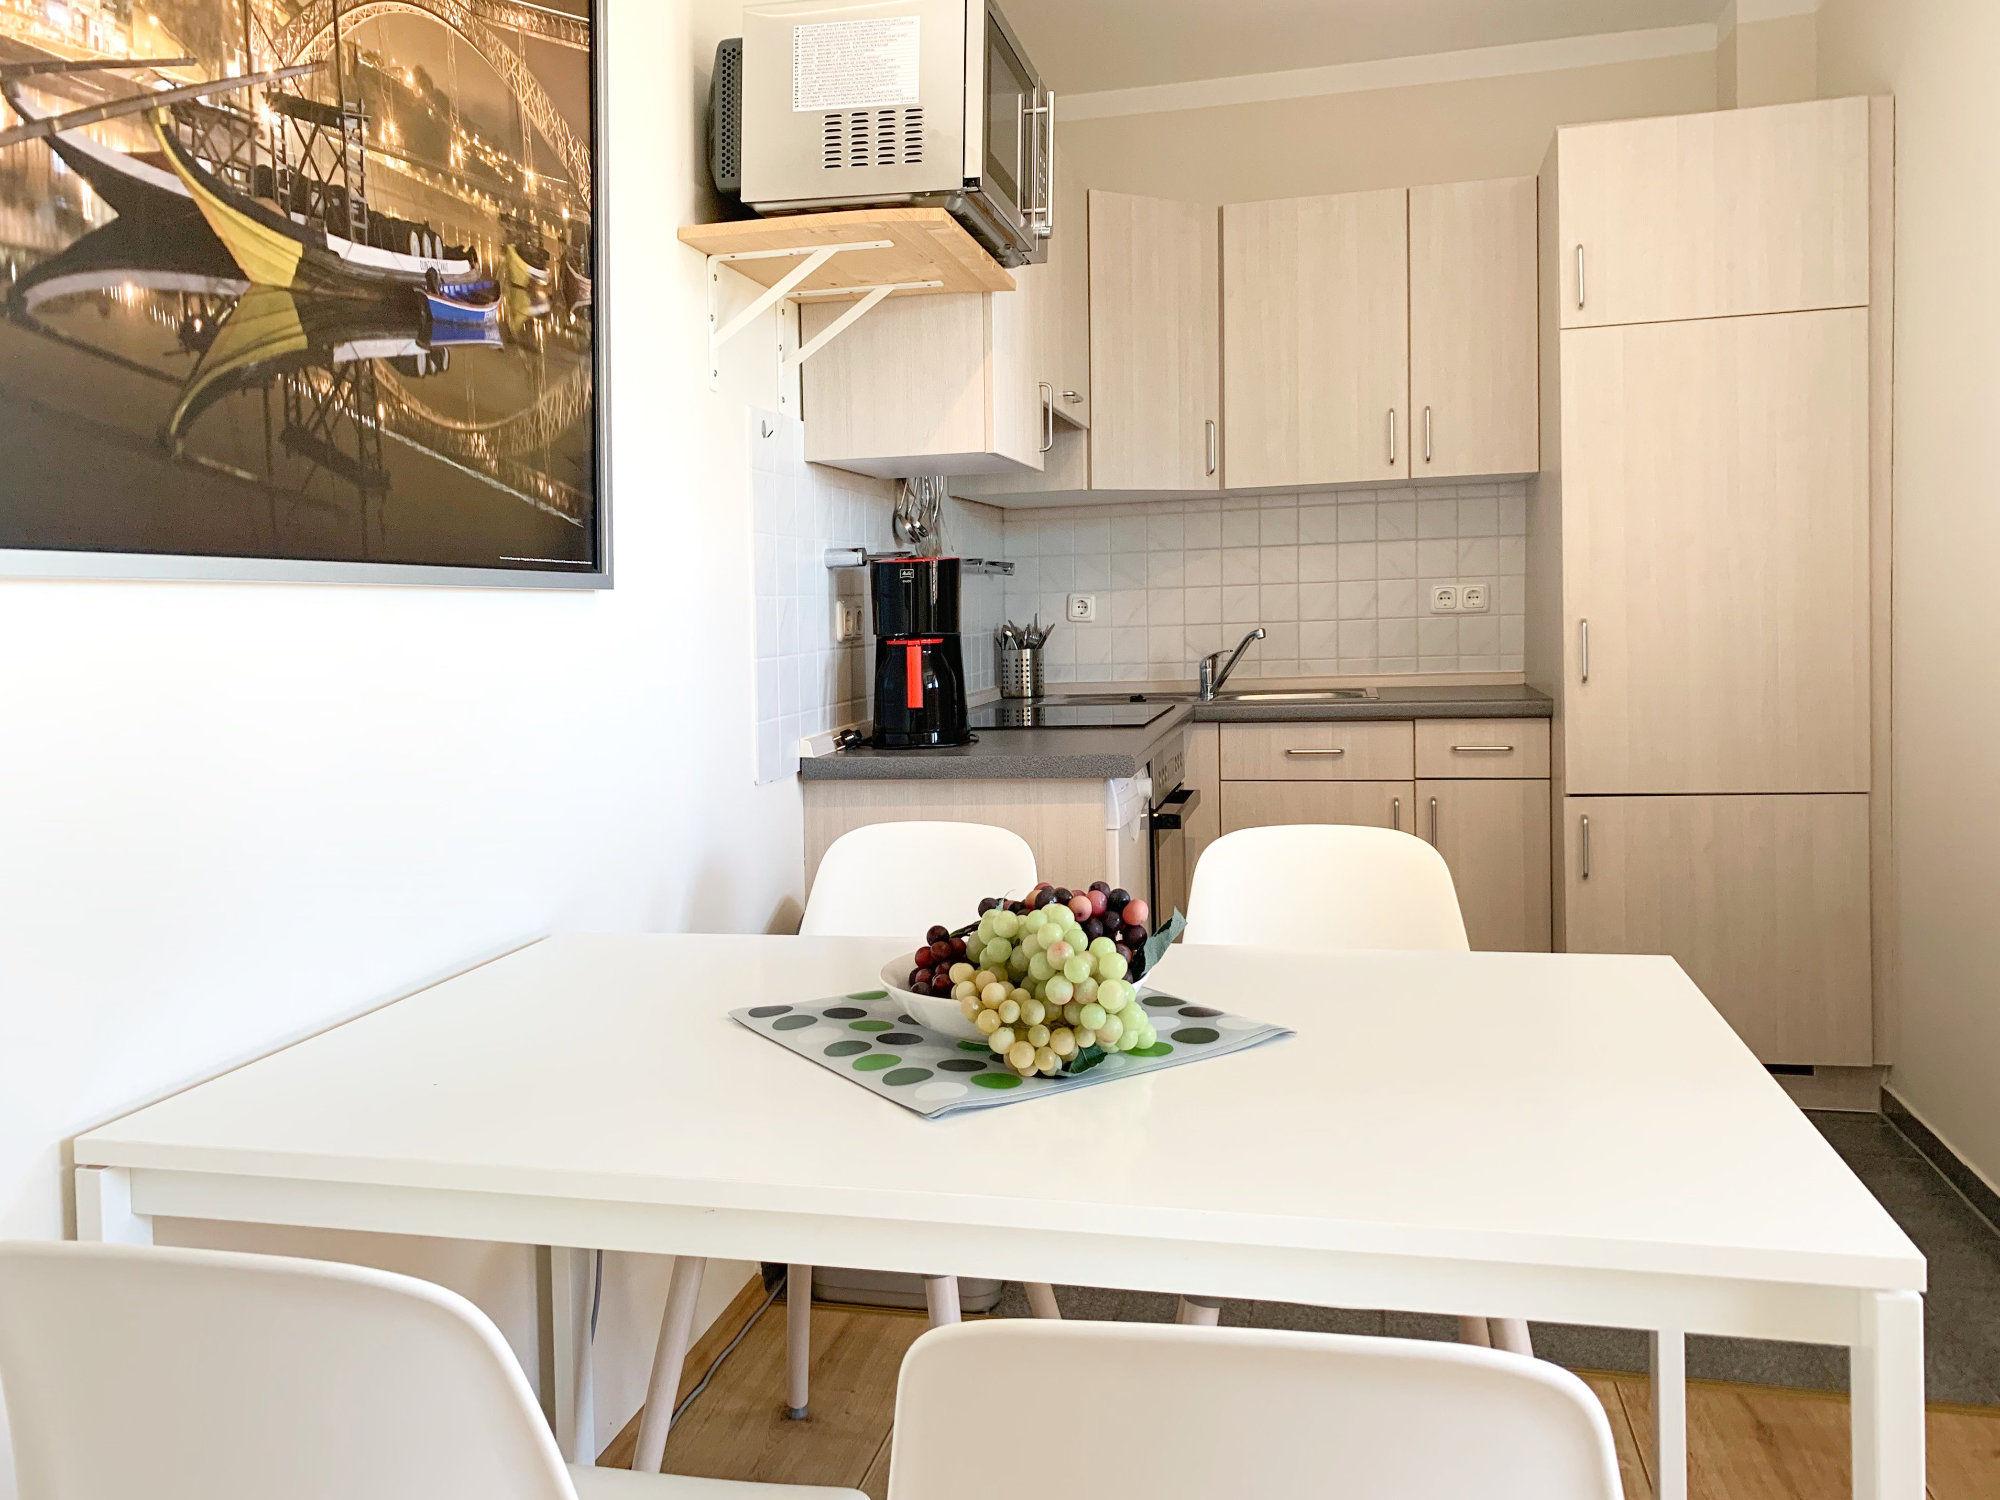 Esstisch mit 4 Stühlen, dahinter Bild von der Küche